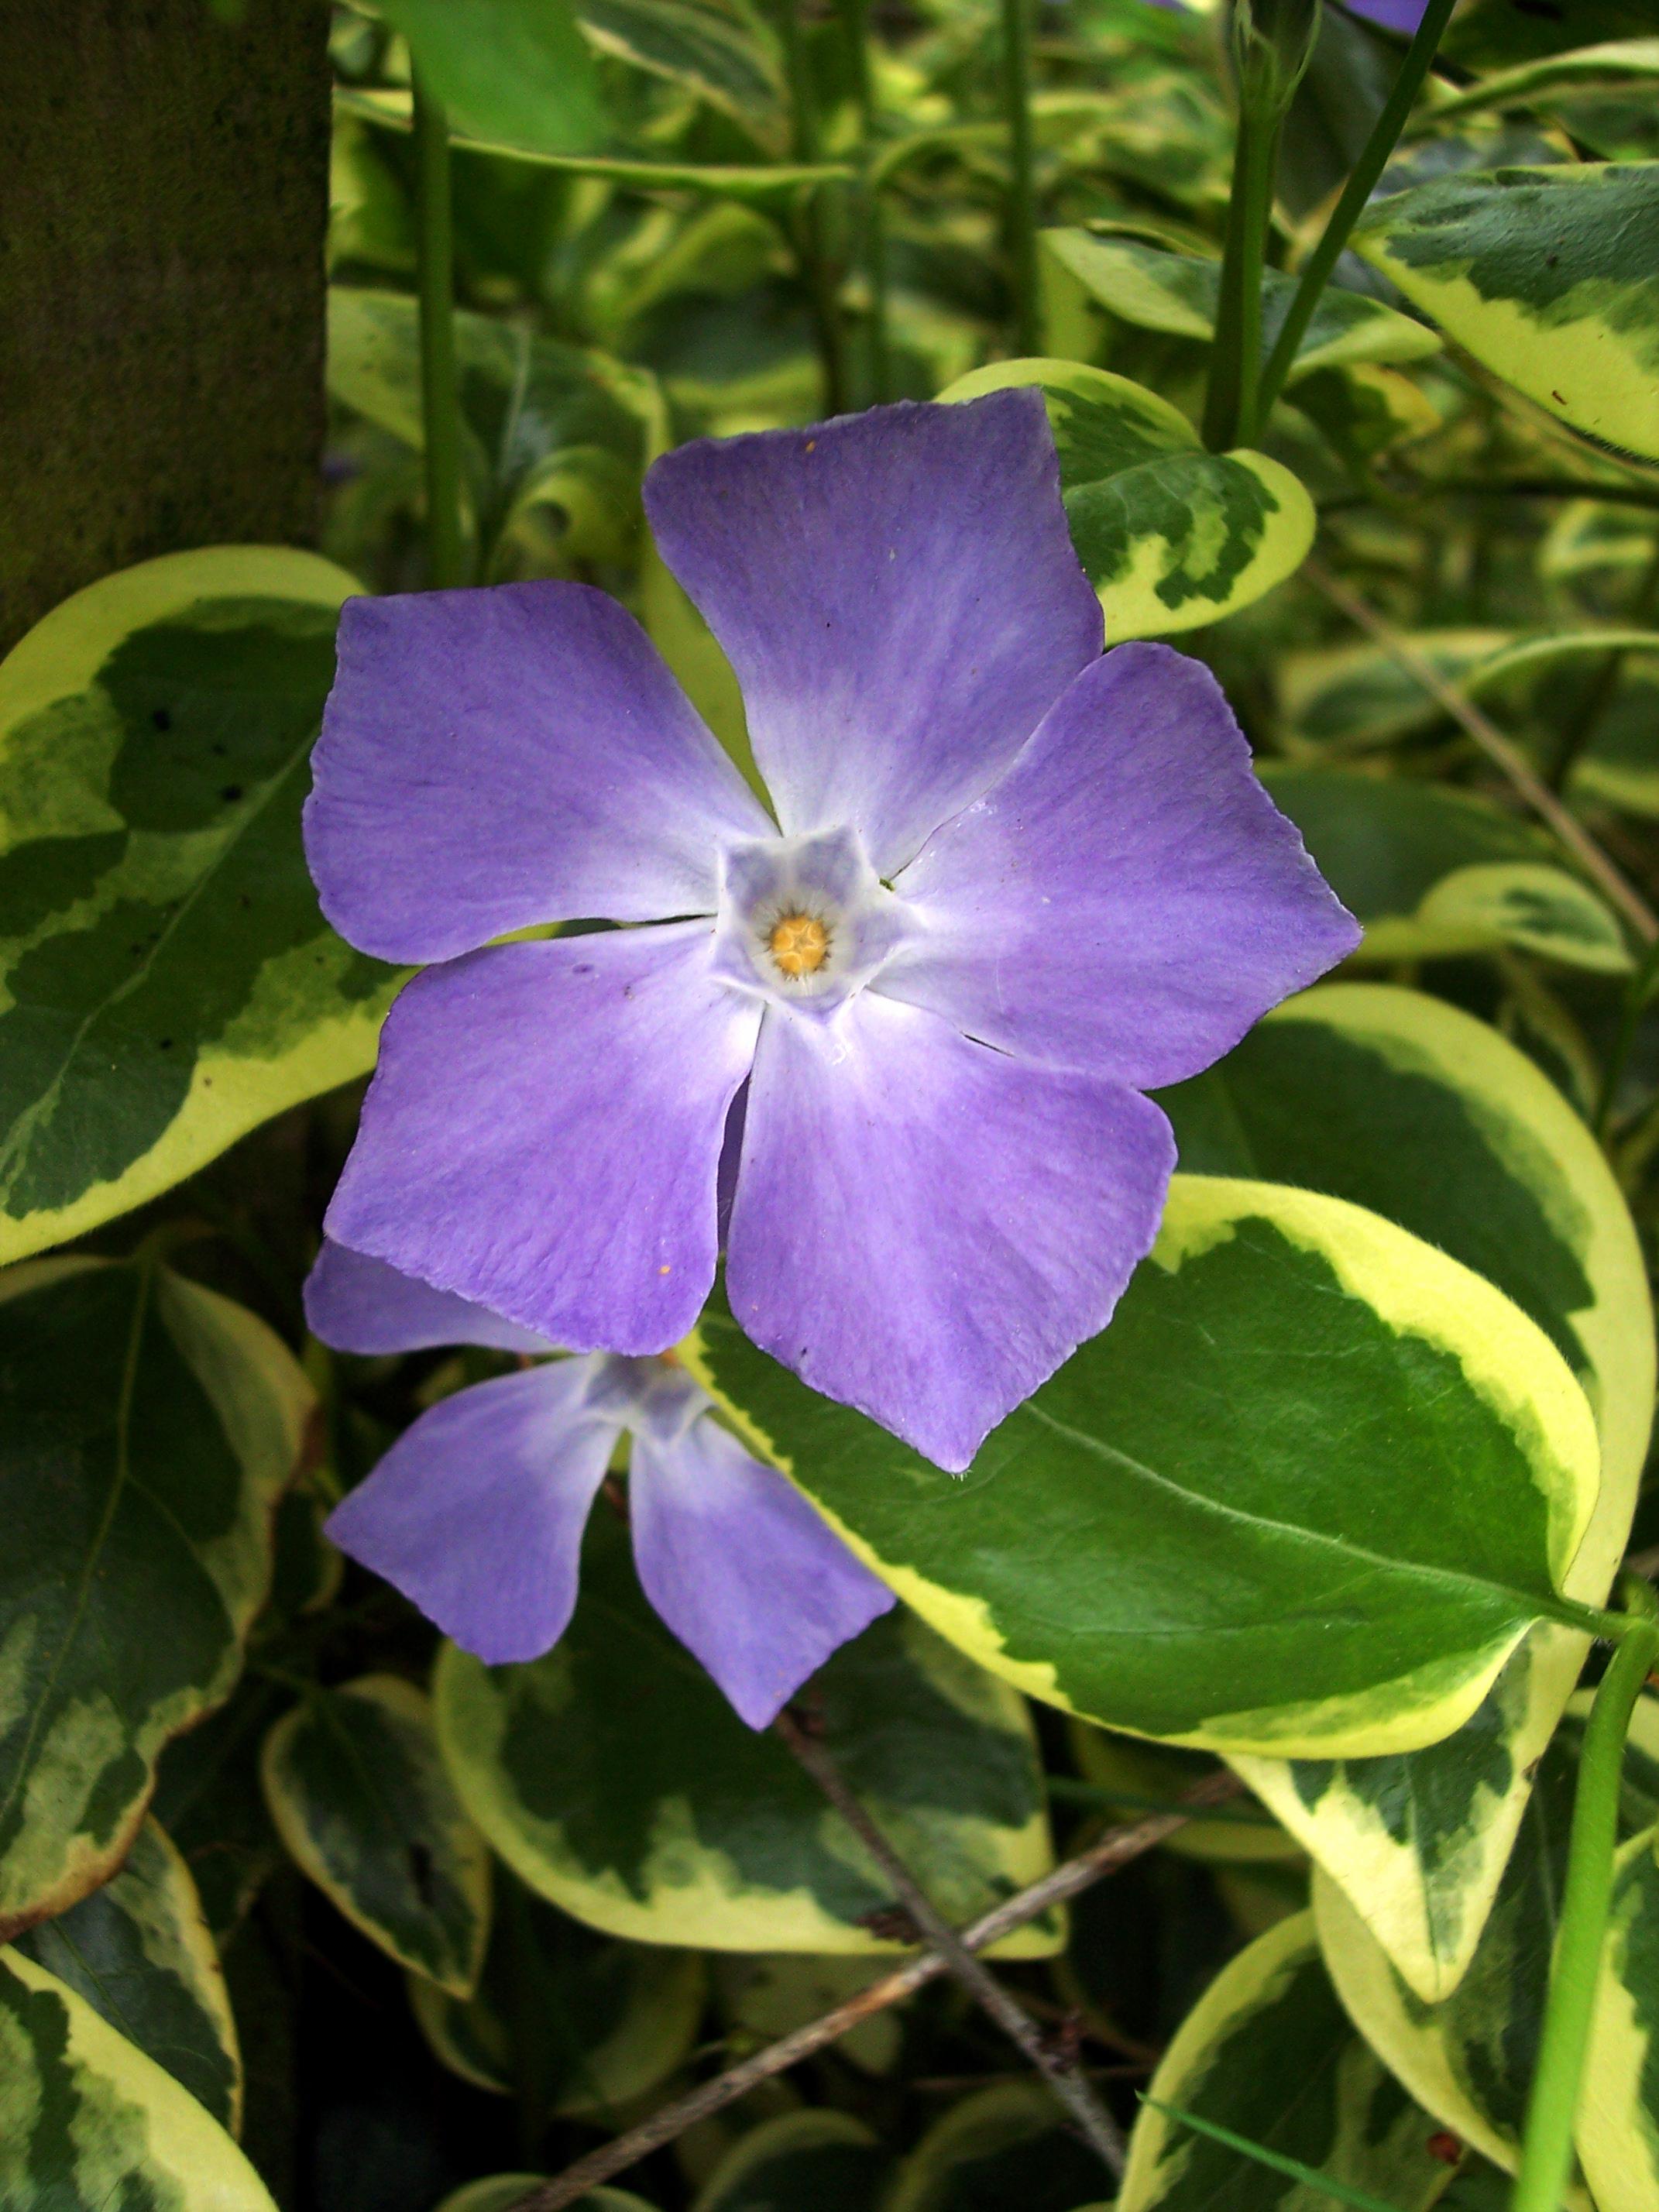 Periwinkle Flower Related Keywords & Suggestions Periwinkle Flower Long